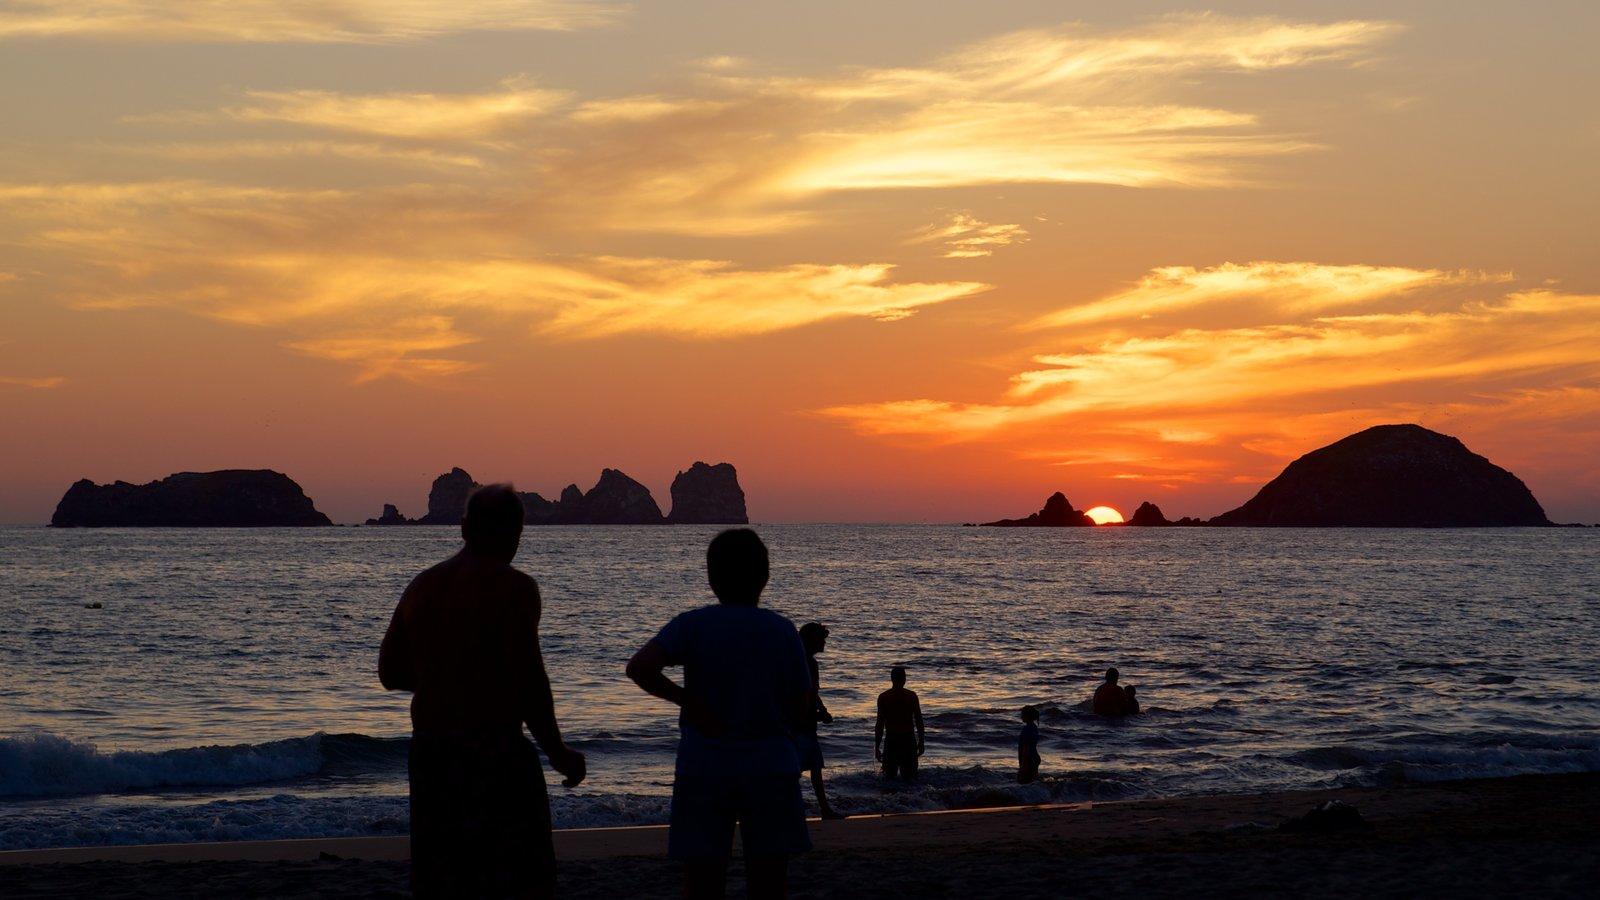 México mostrando una puesta de sol, natación y costa rocosa